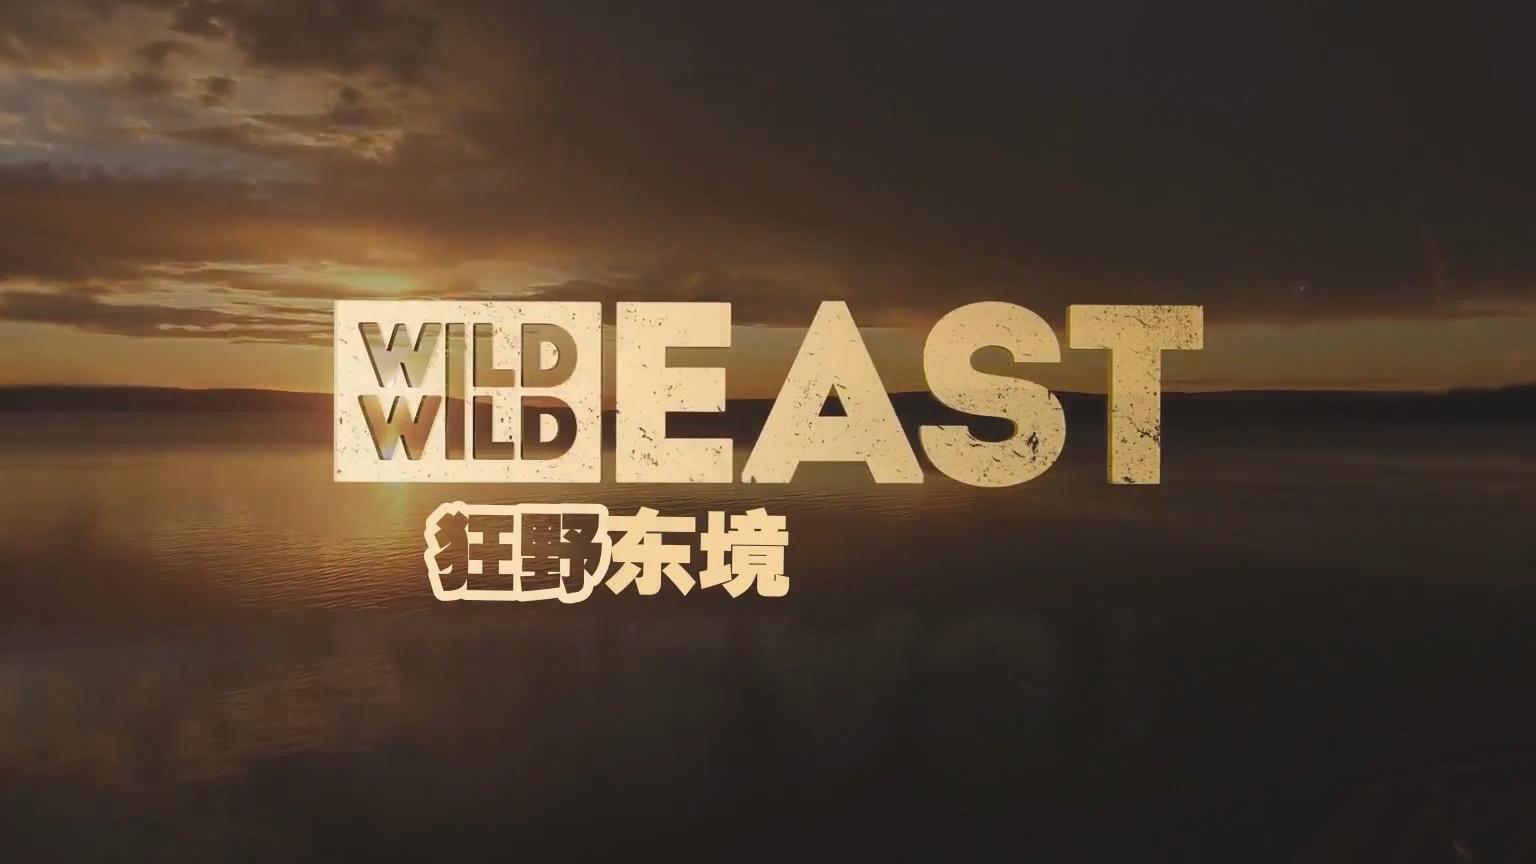 【纪录片】狂野东境 甲壳动物【双语特效字幕】【纪录片之家爱自然】